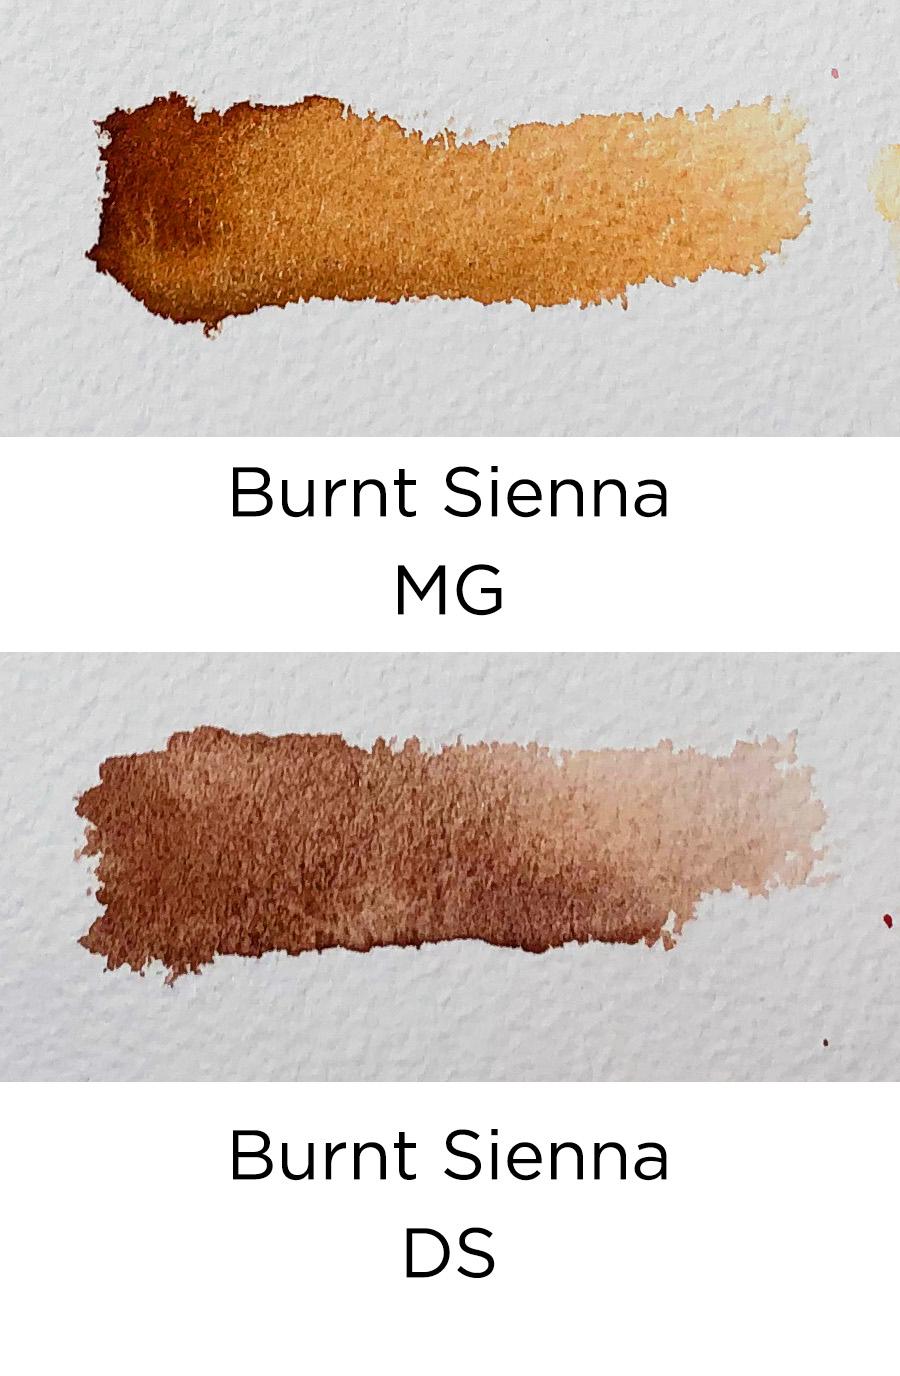 color_vs2.jpg